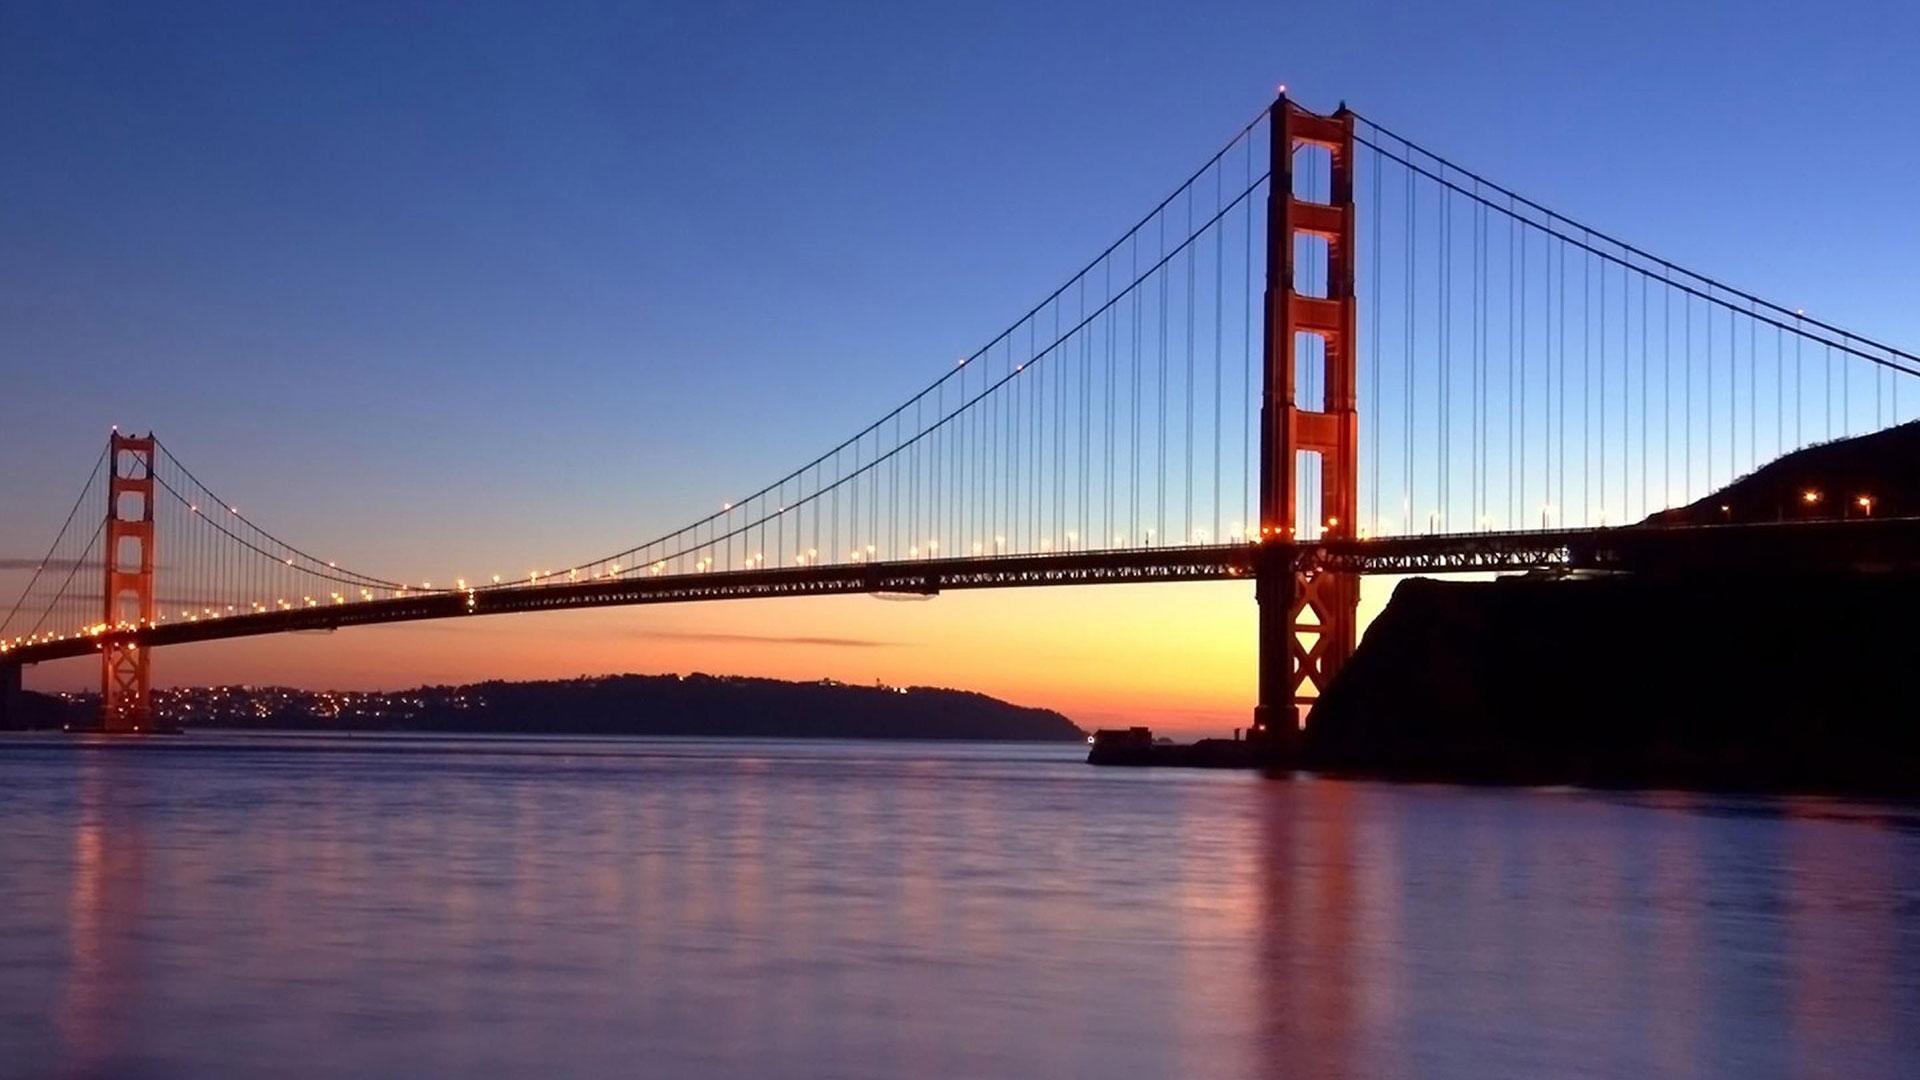 El Golden Gate de San Francisco, una ciudad en la que no paran de crecer los nuevos ricos